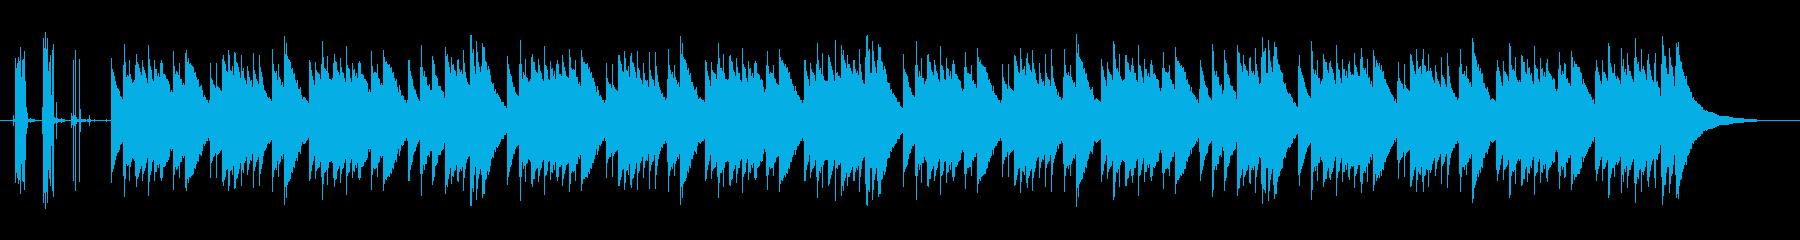 童謡☆どんぐりころころ☆リアルオルゴールの再生済みの波形